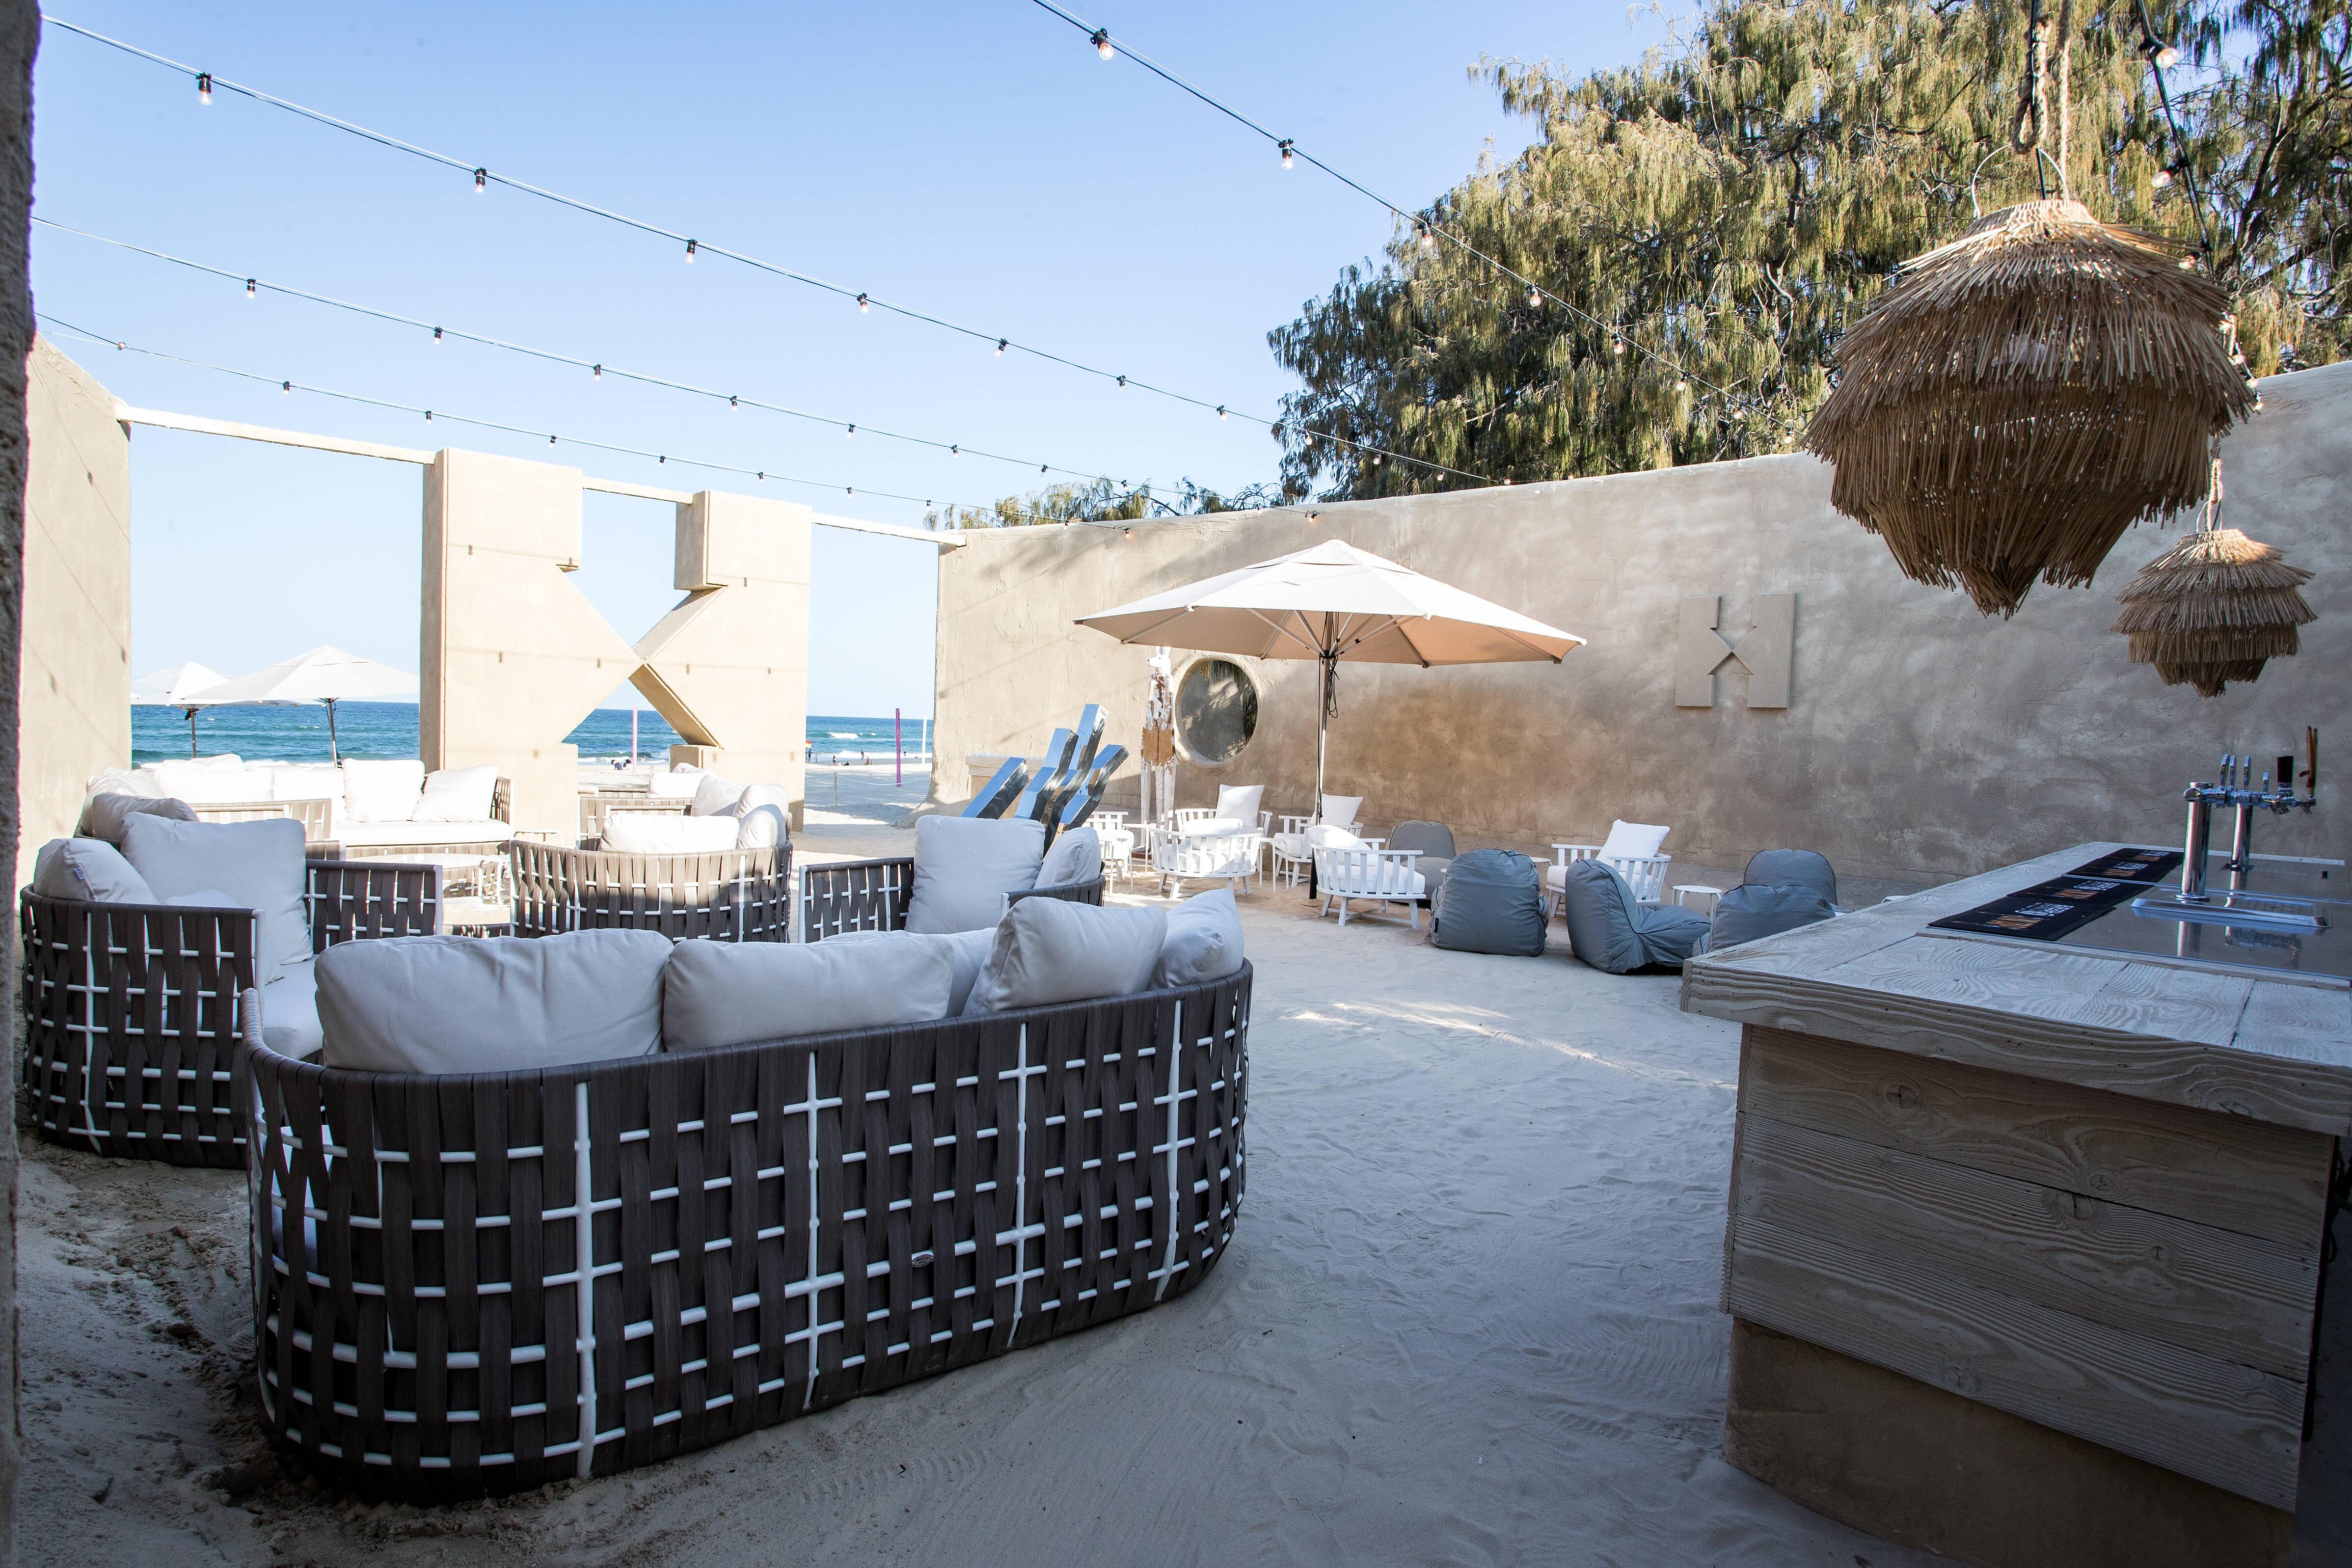 O hostel foi inspirado em um gigante castelo feito de areia. Foto: Divulgação/Hostelworld